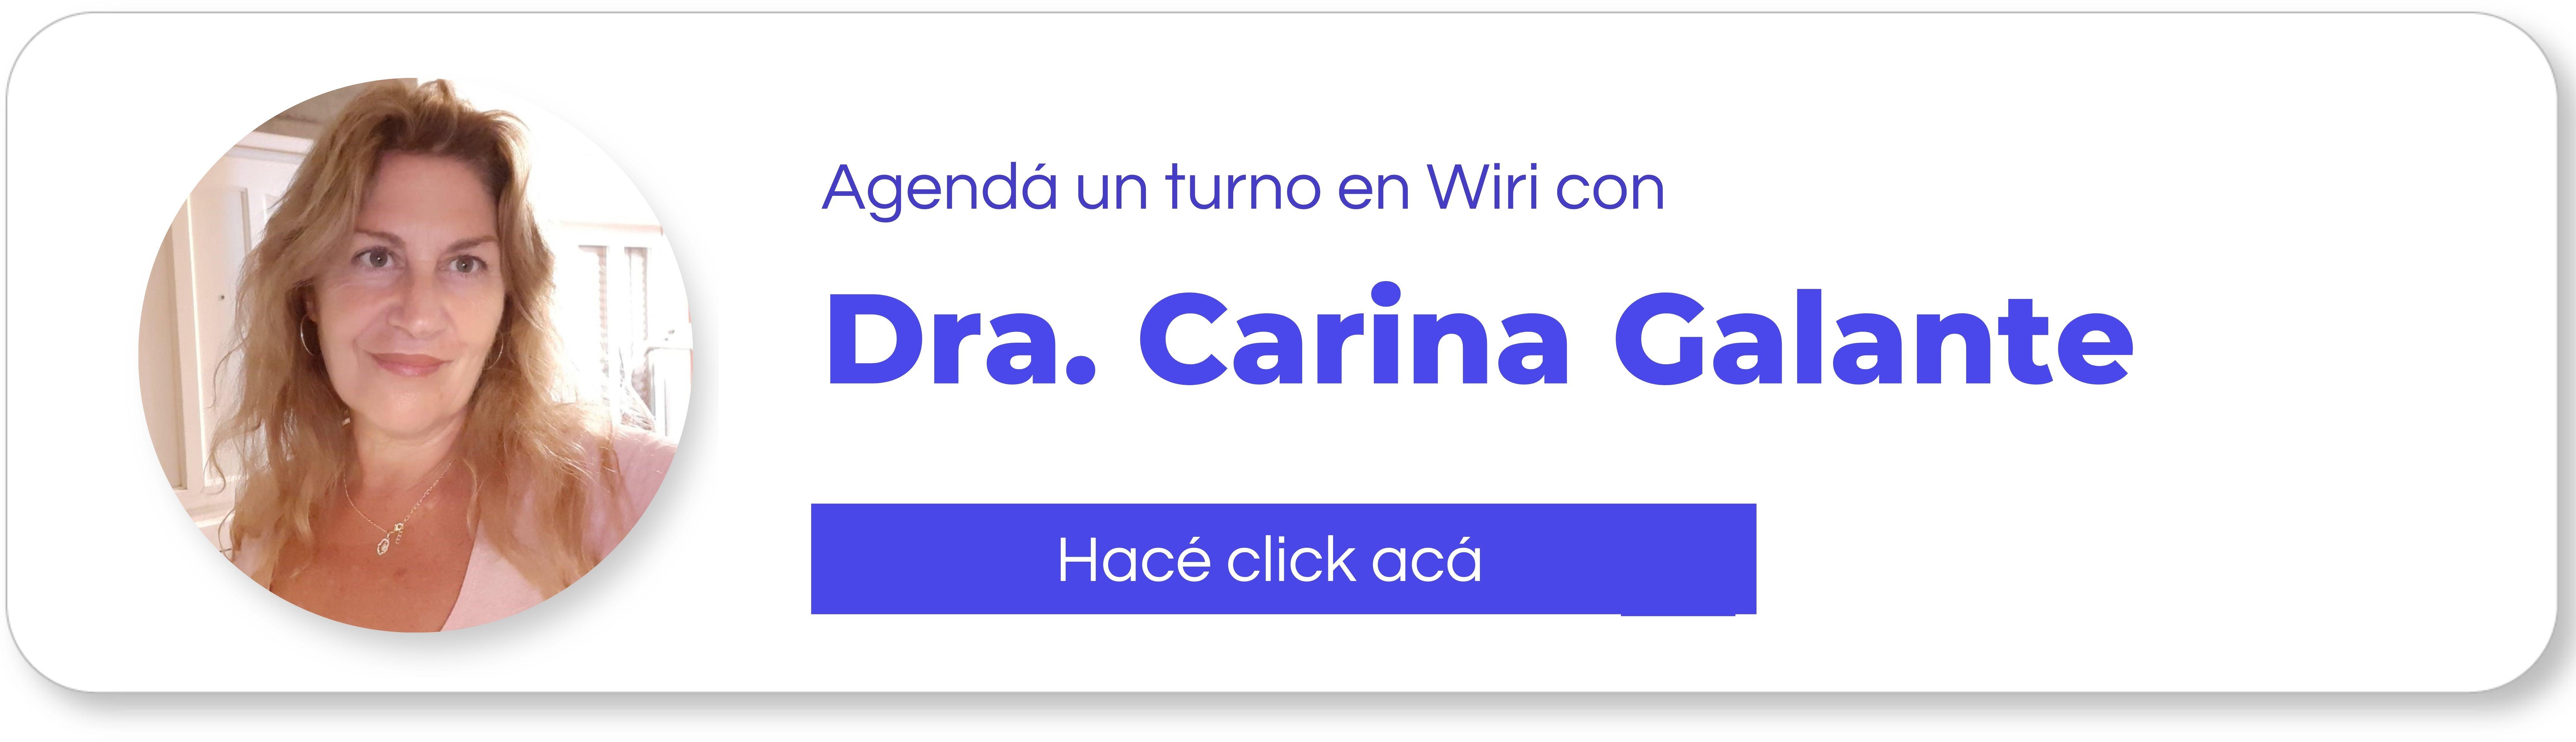 Atención para adultos mayores en pandemia con la Doctora Carina Galante. Hacé click acá